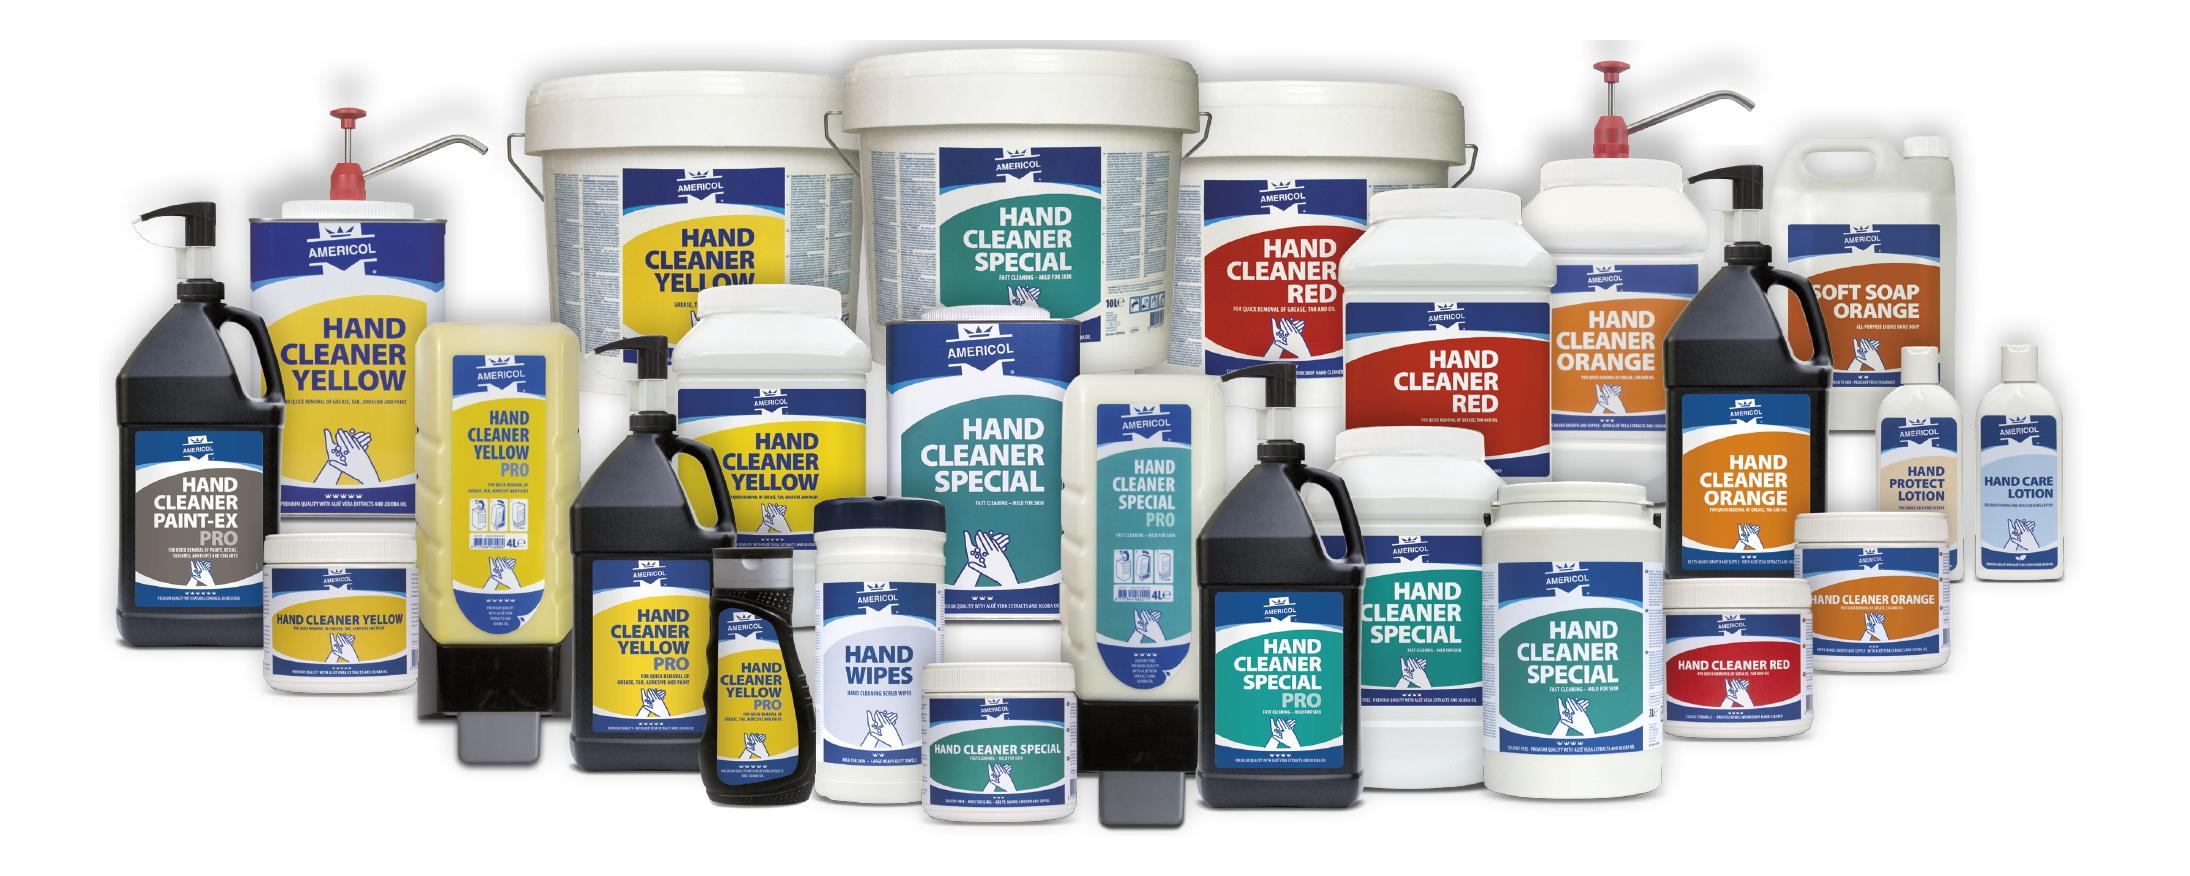 AMERICOL - péče o ruce - portfólio produktů